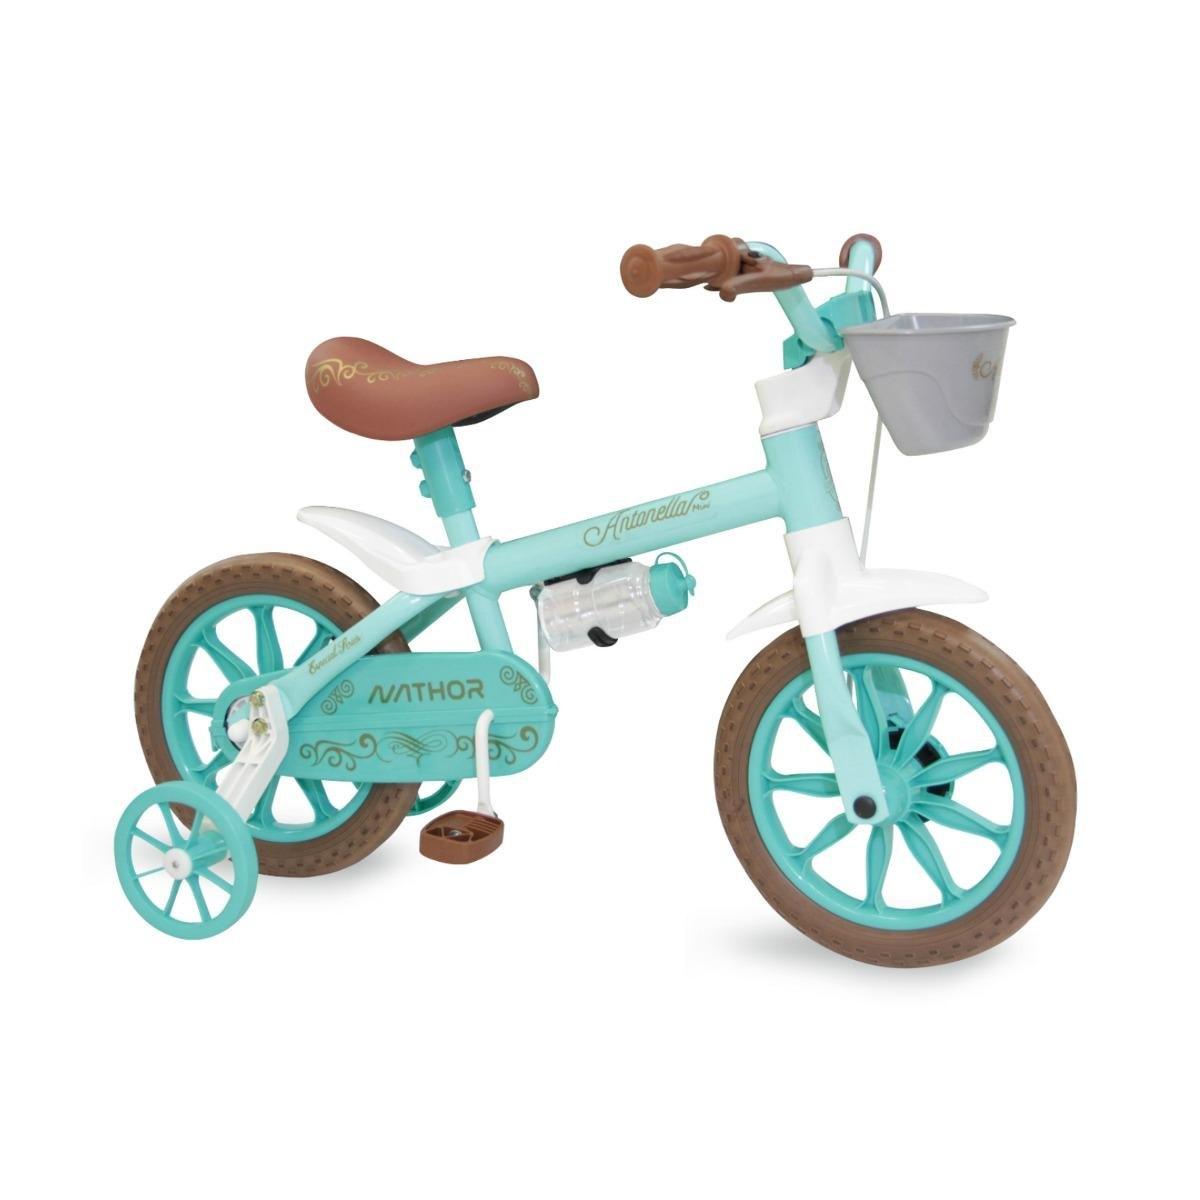 Bicicleta Nathor Aro 12 Antonella Baby Verde Aqua R12